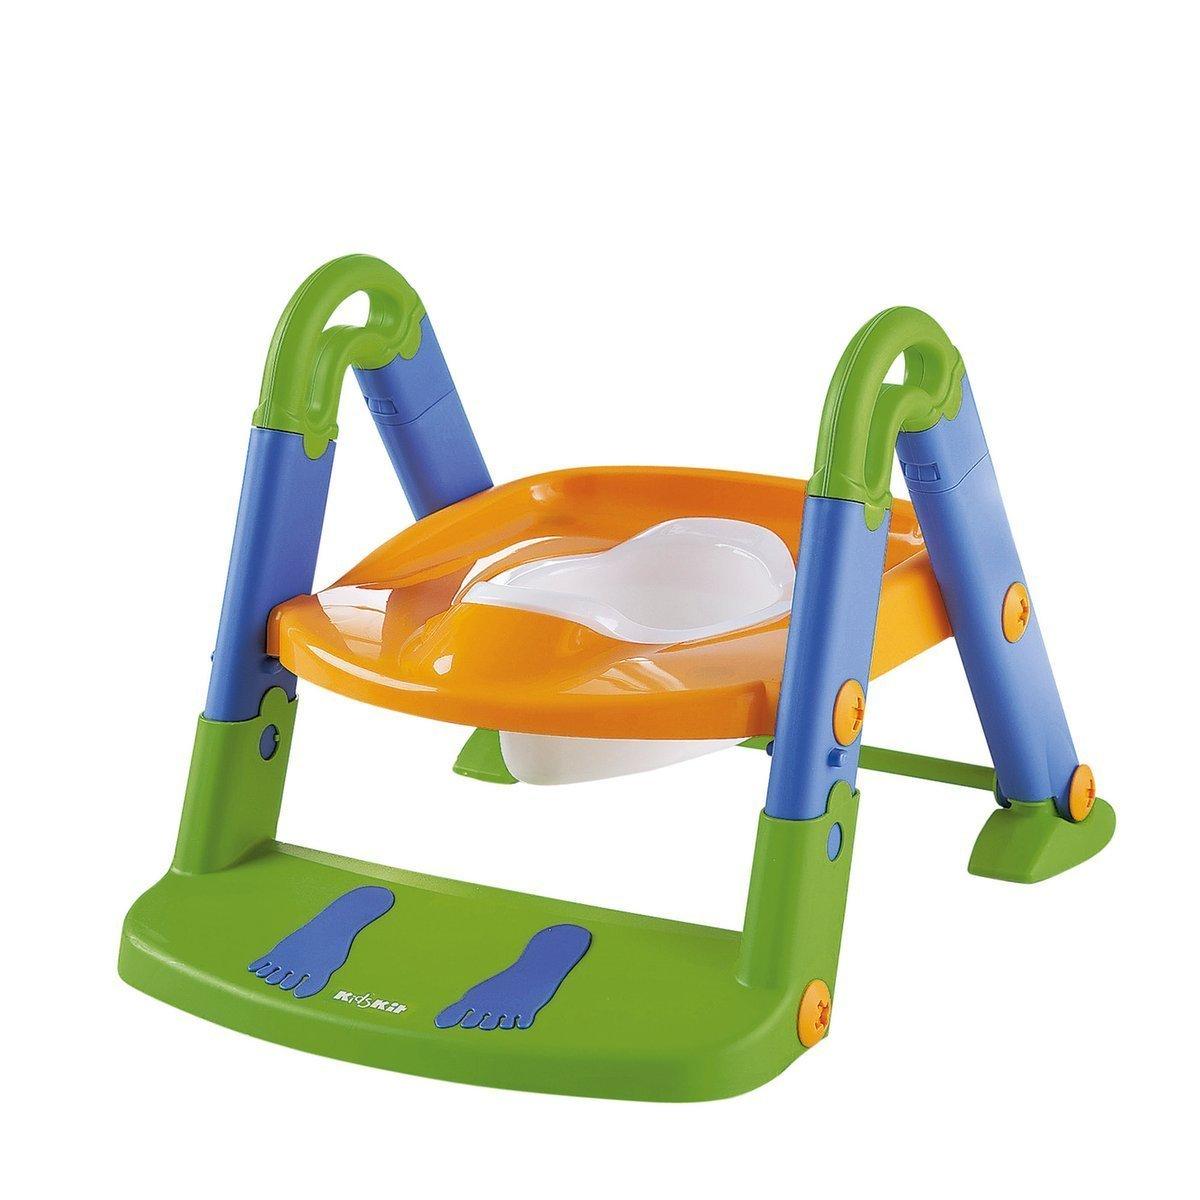 Amazon.com : KidsKit 3 in 1 Potty Training Seat Potty Chair | Potty ...